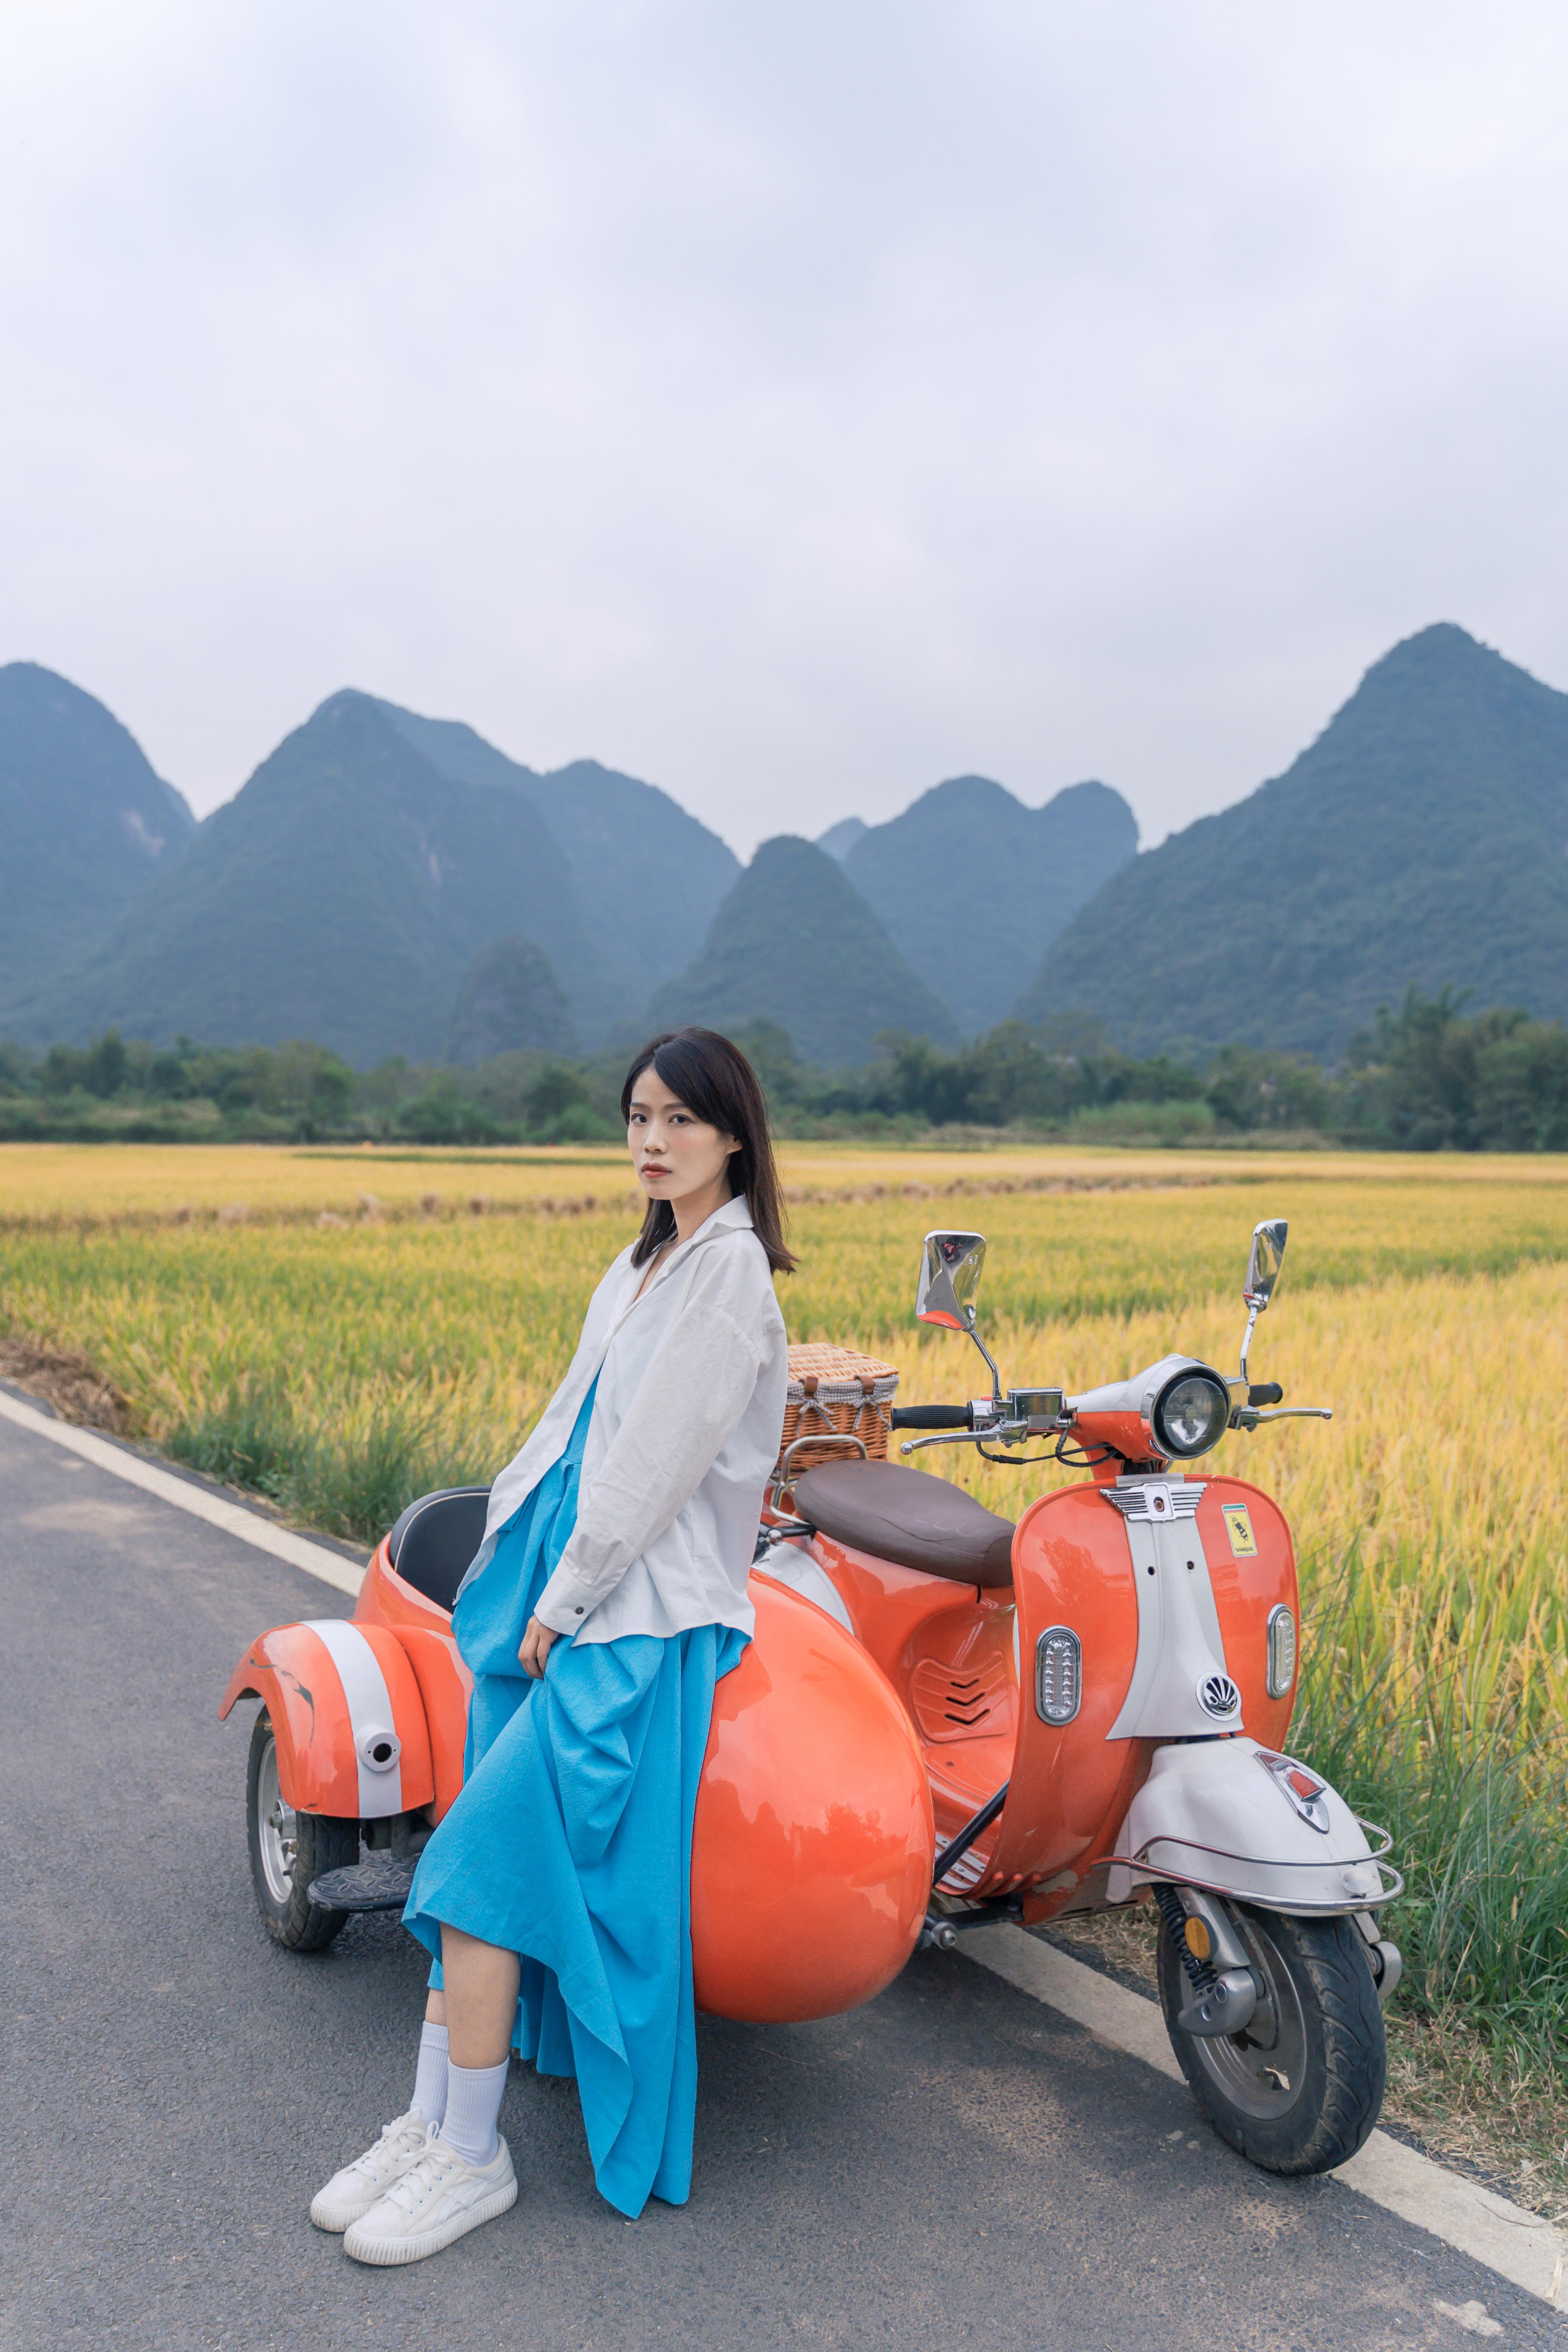 """常上""""旅游黑榜""""的桂林,到底值不值得去?"""